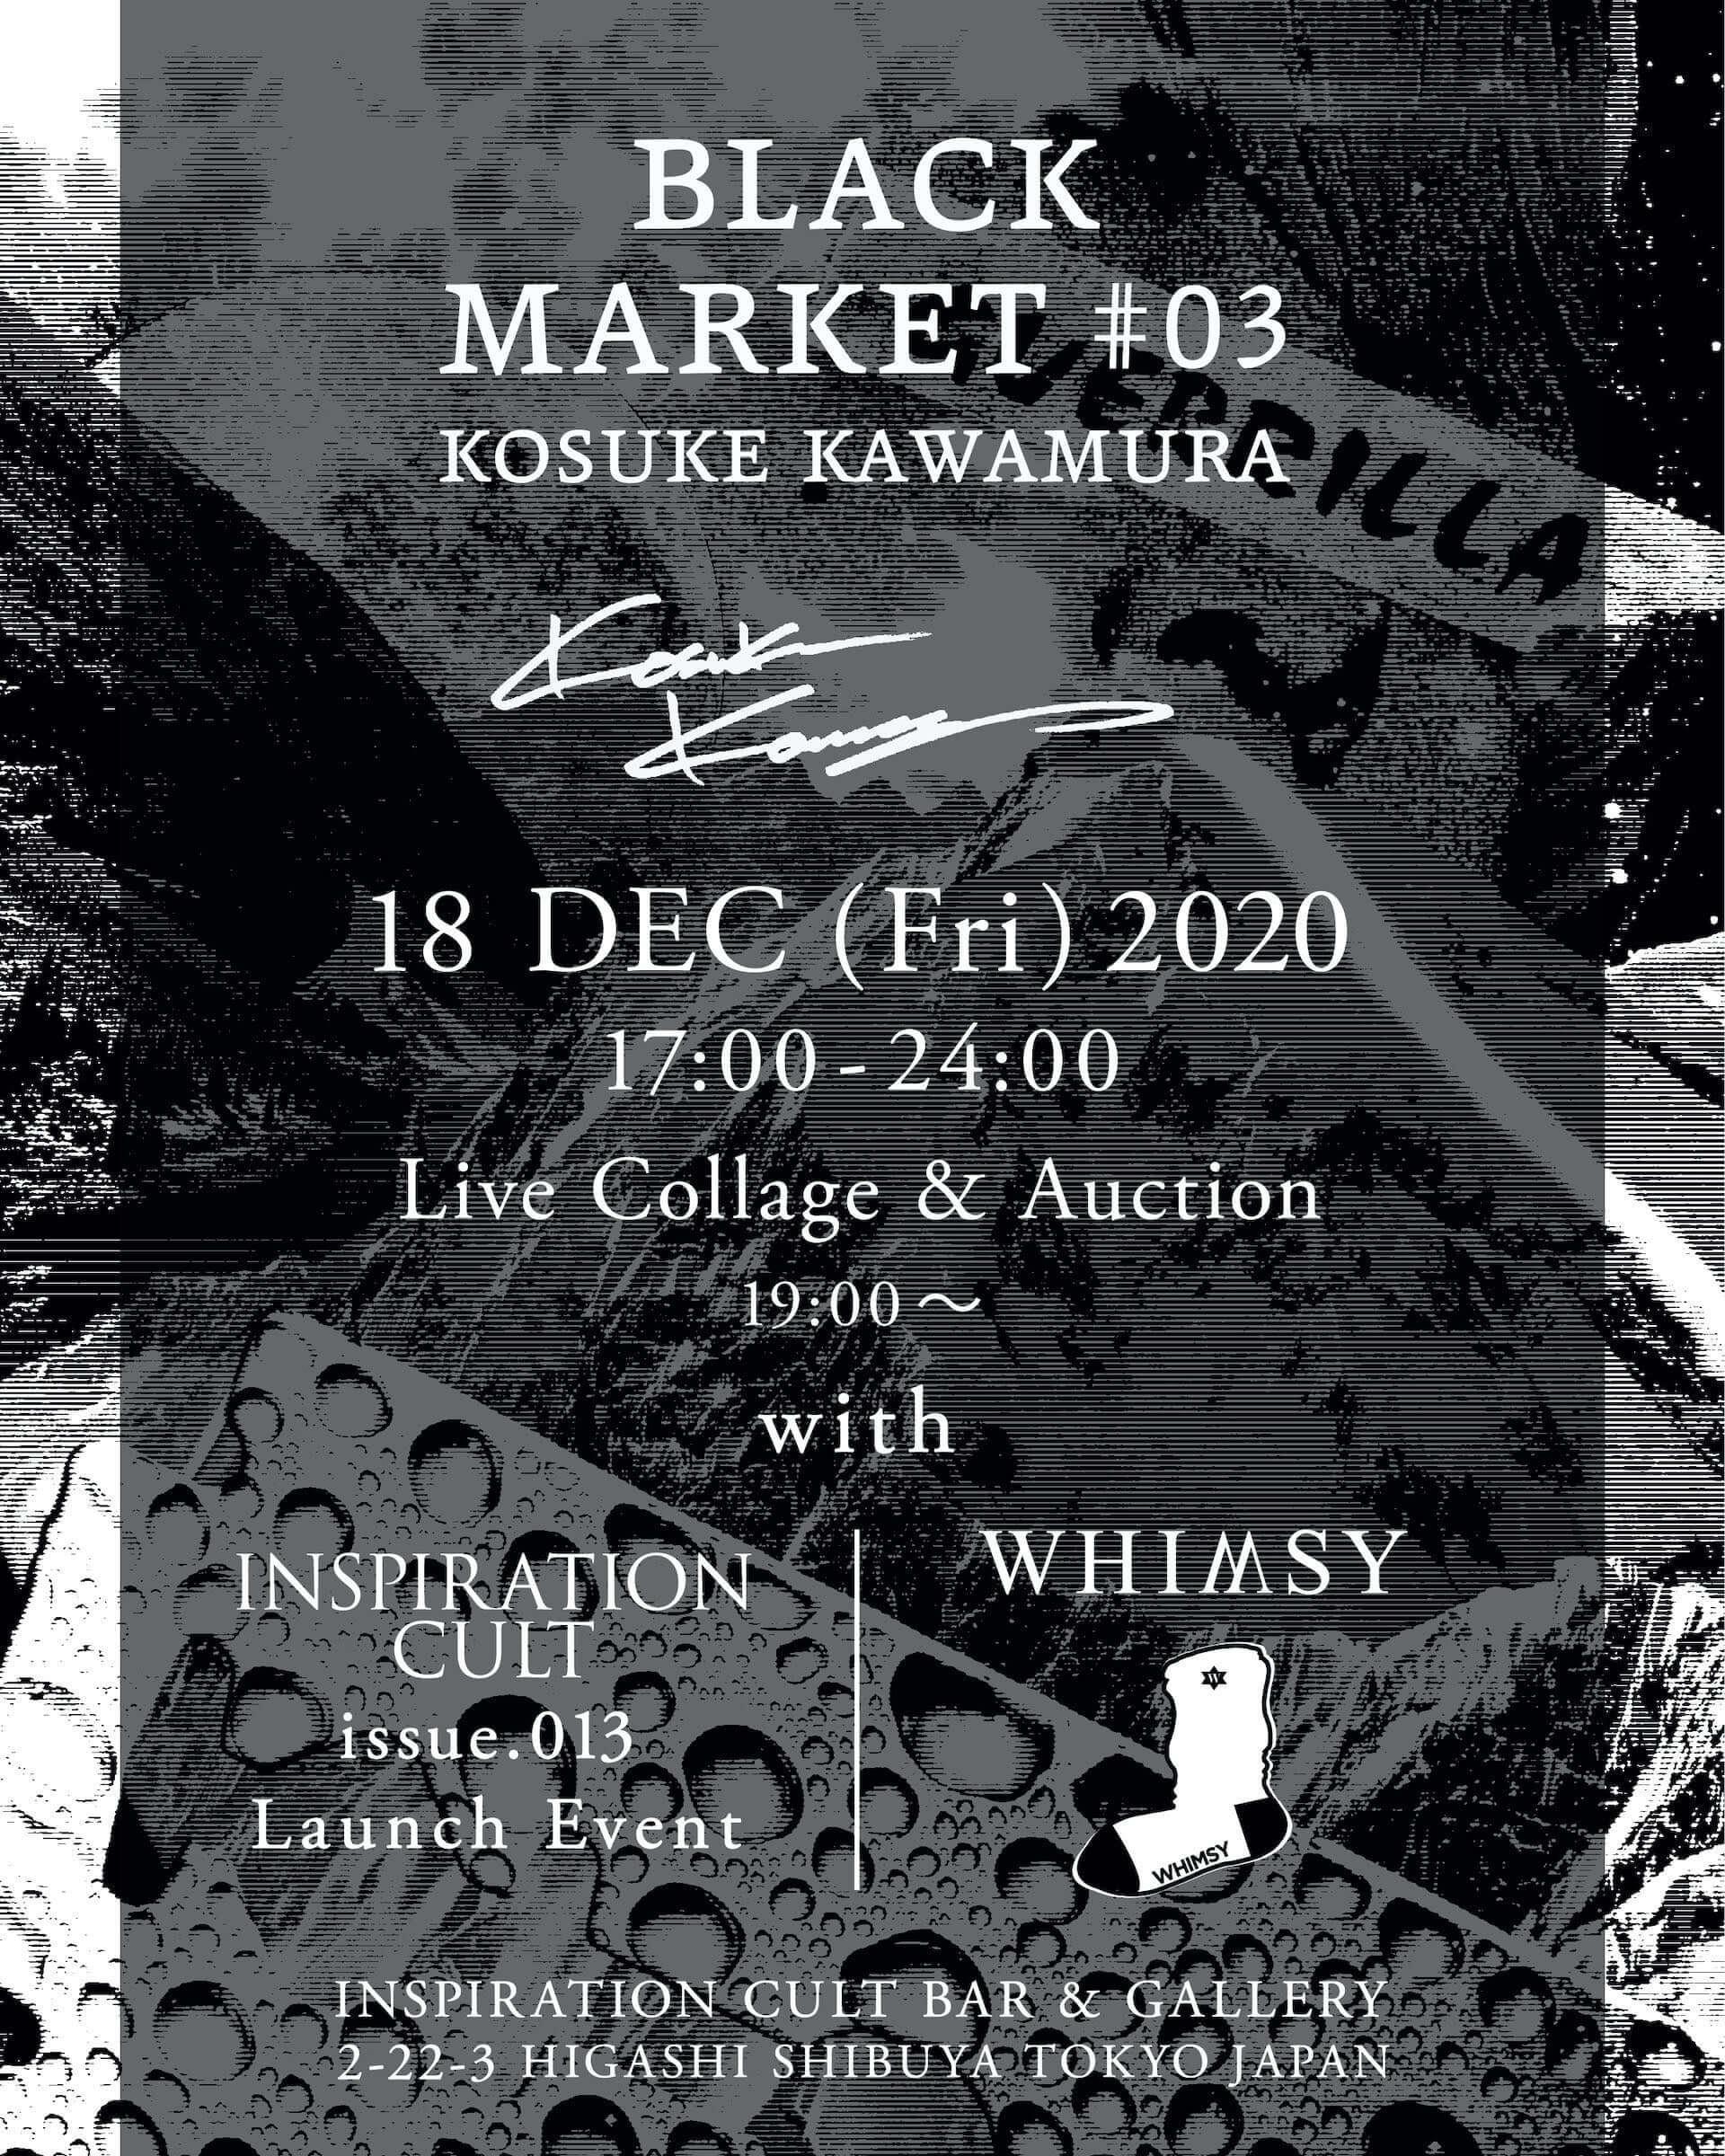 河村康輔、Whimsy、INSPIRATION CULTによるコラボソックス4種が数量限定で明日発売!河村のアーカイブ作品がデザイン art201217_-kosukekawamura_1-1920x2400